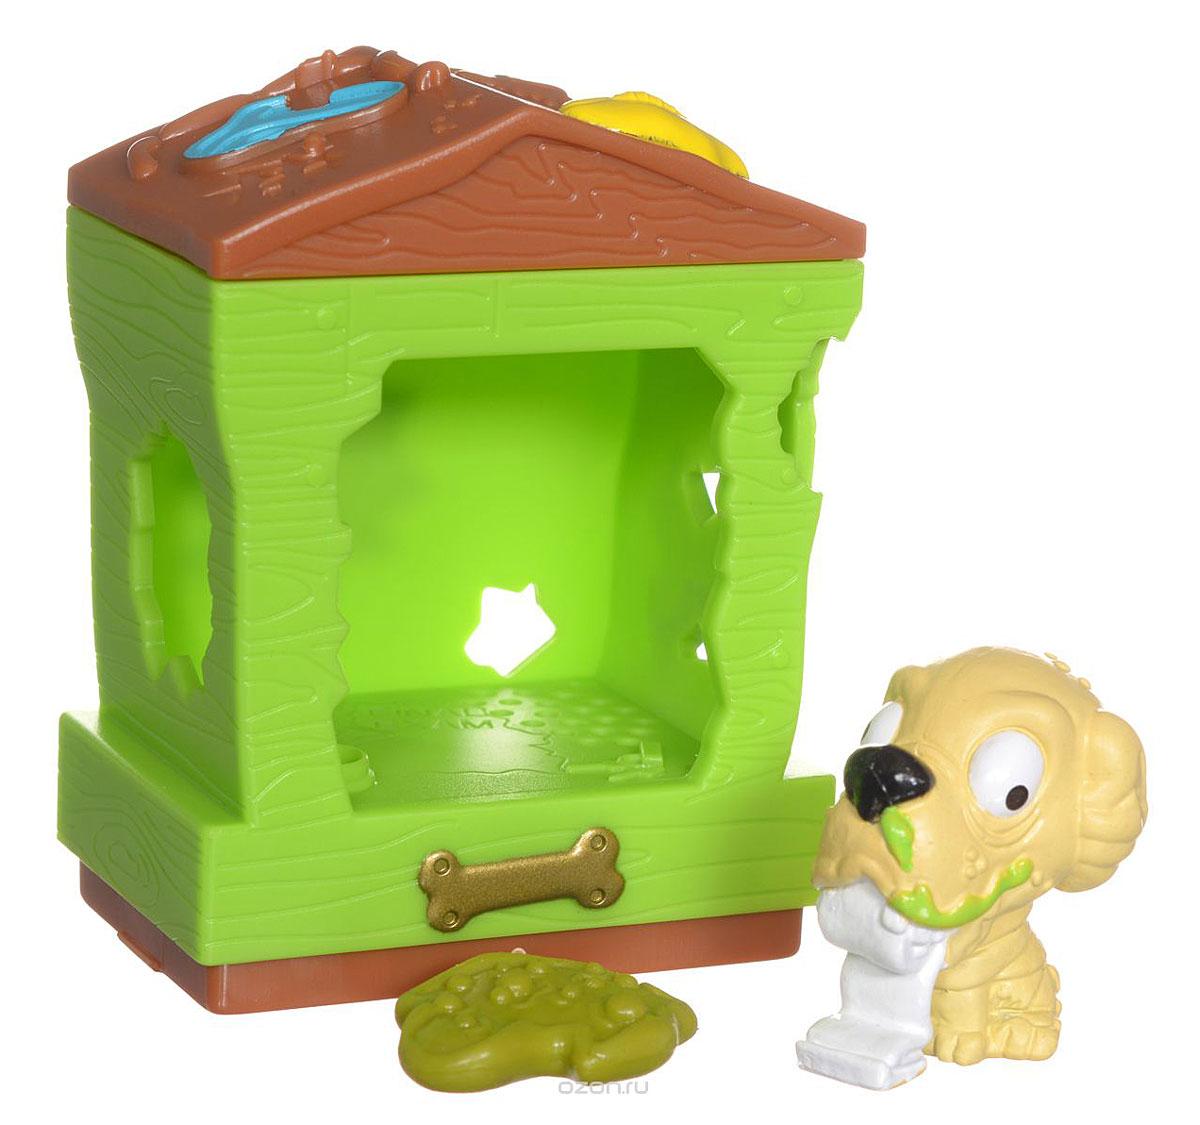 Ugglys Pet Shop Игровой набор Домик с фигуркой Doggy Dump19411Игровой набор из серии Хулиганские животные состоит из салатового домика со звуковыми эффектами и уникальной фигурки питомца-собачки, которую нельзя найти в других упаковках и наборах серии. Домик выполнен в ярких цветах и притягивает взгляд. Если внутри него поместить мини-фигурку животного и надавить на пол - будут раздаваться звуки. В ассортименте представлено 6 домиков, которые можно состыковать один с другим и построить большой зоомагазин с эксклюзивными животными. Такая удивительная игрушка обязательно понравится вашей малышке! Порадуйте ее таким замечательным подарком! Для работы требуются 2 батарейки типа LR44 (комплектуется демонстрационными).